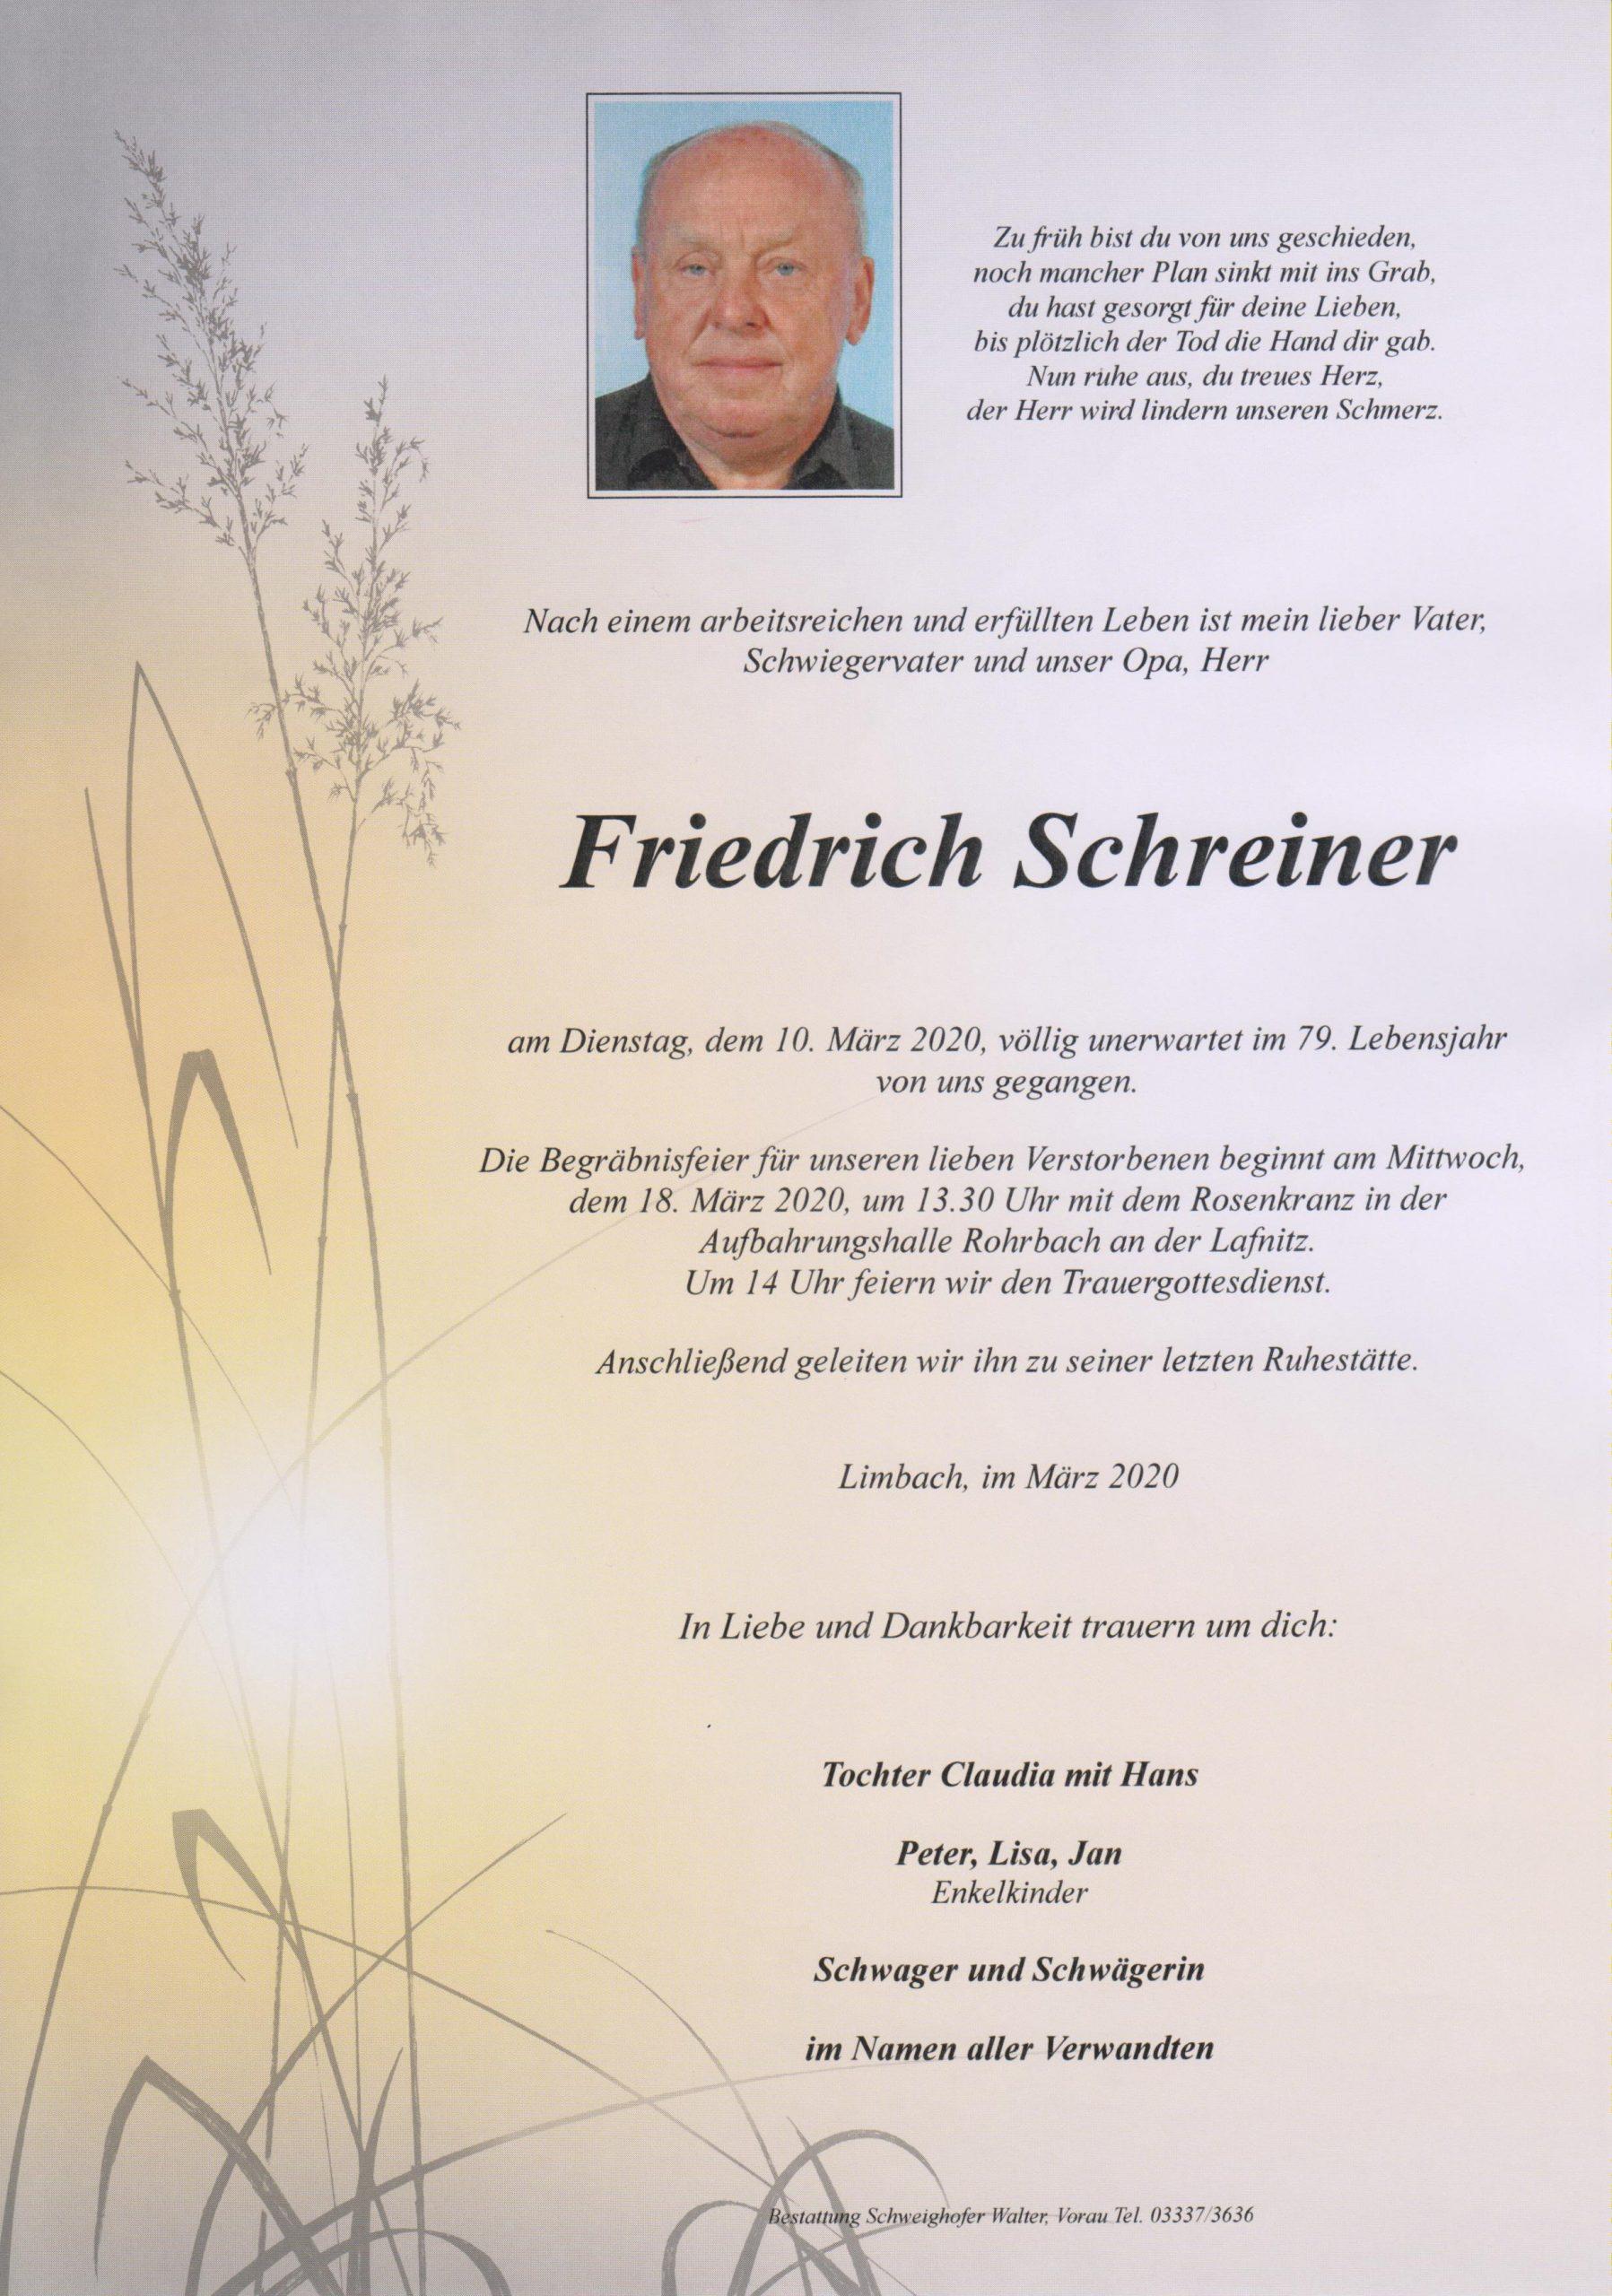 Friedrich Schreiner